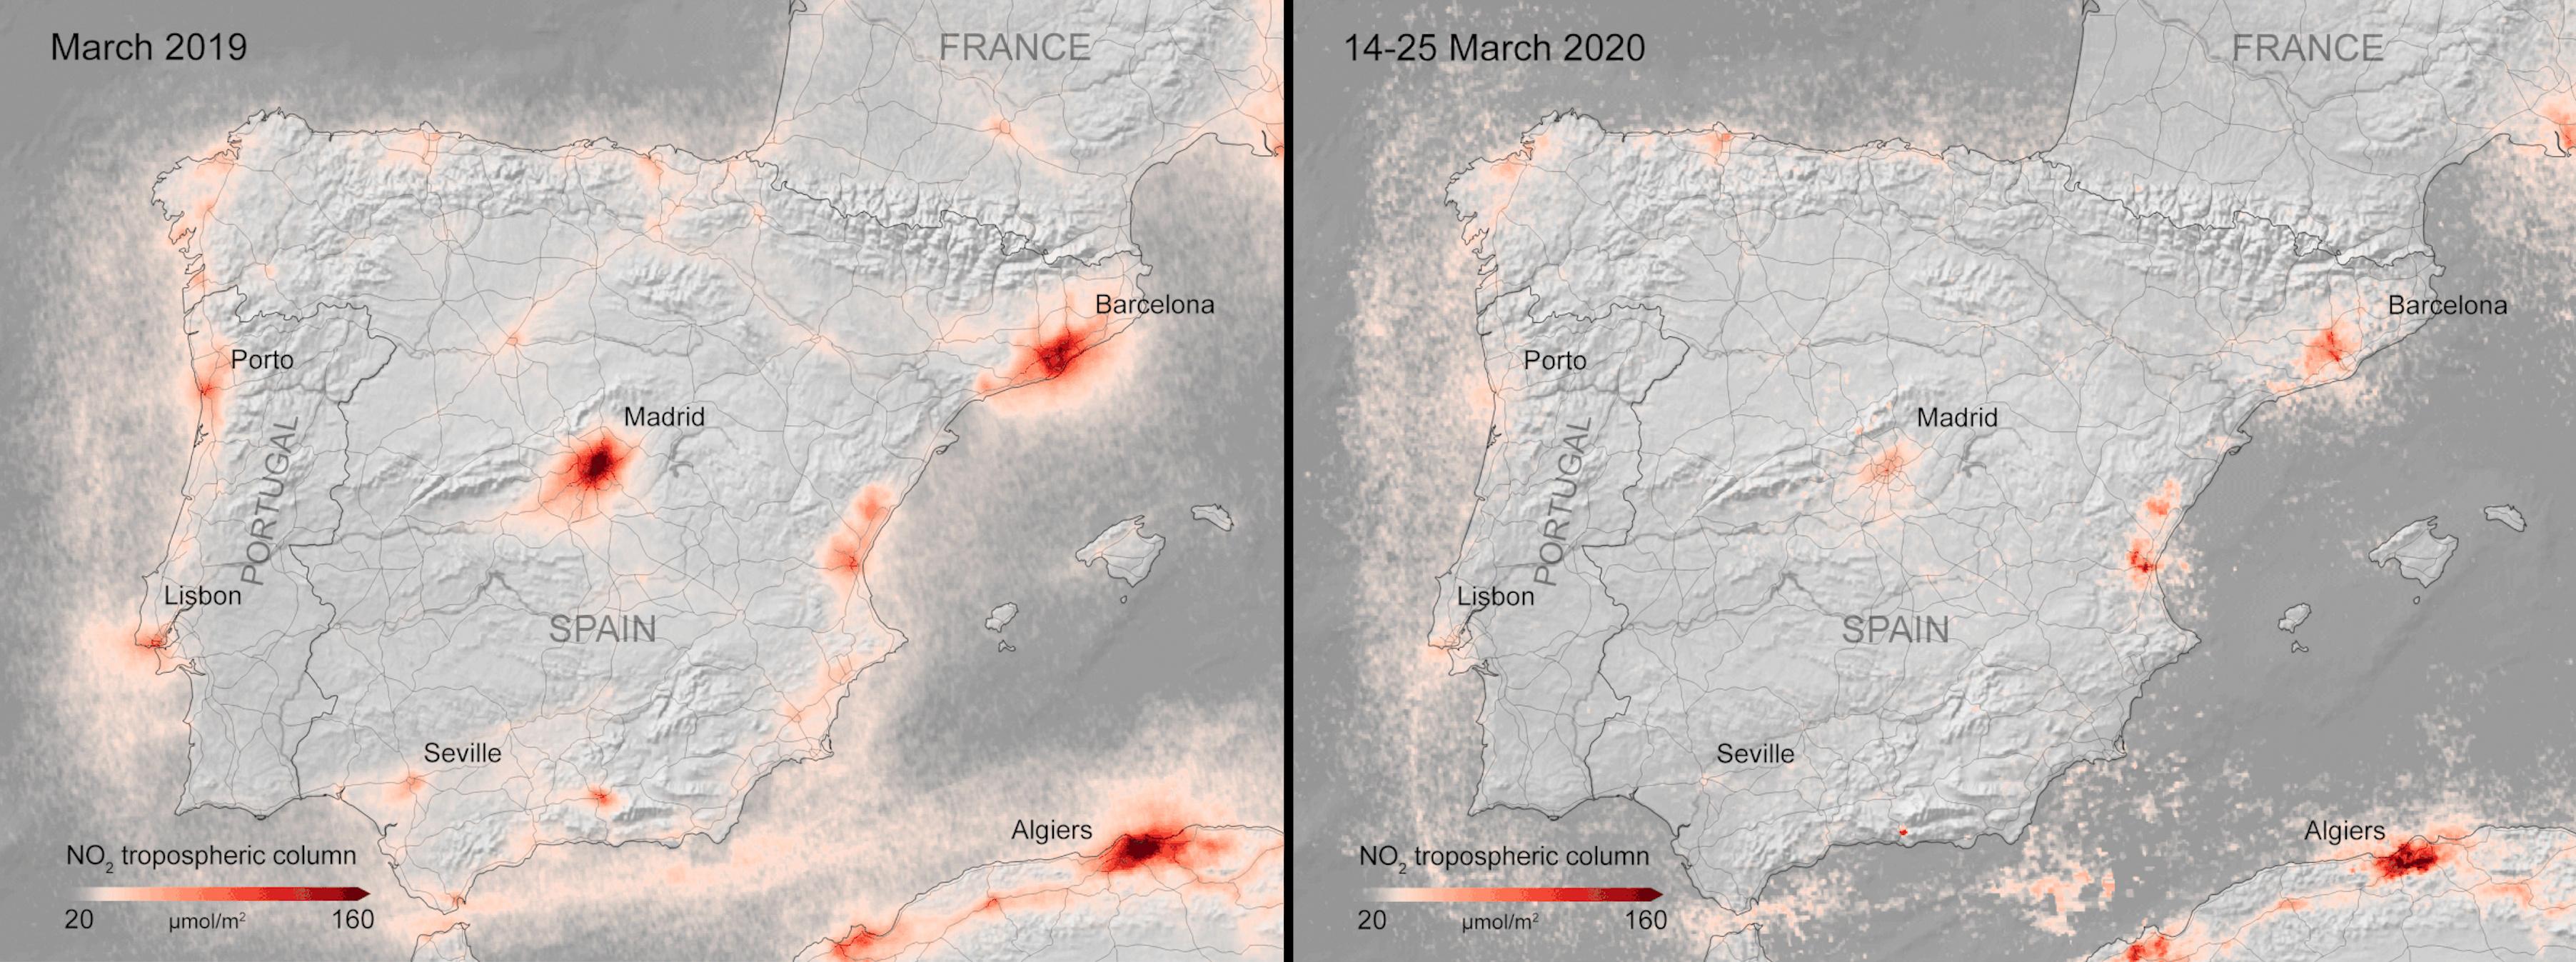 مقارنة قبل وبعد لمستويات ثاني أكسيد النيتروجين الضار في مدن  أوروبية